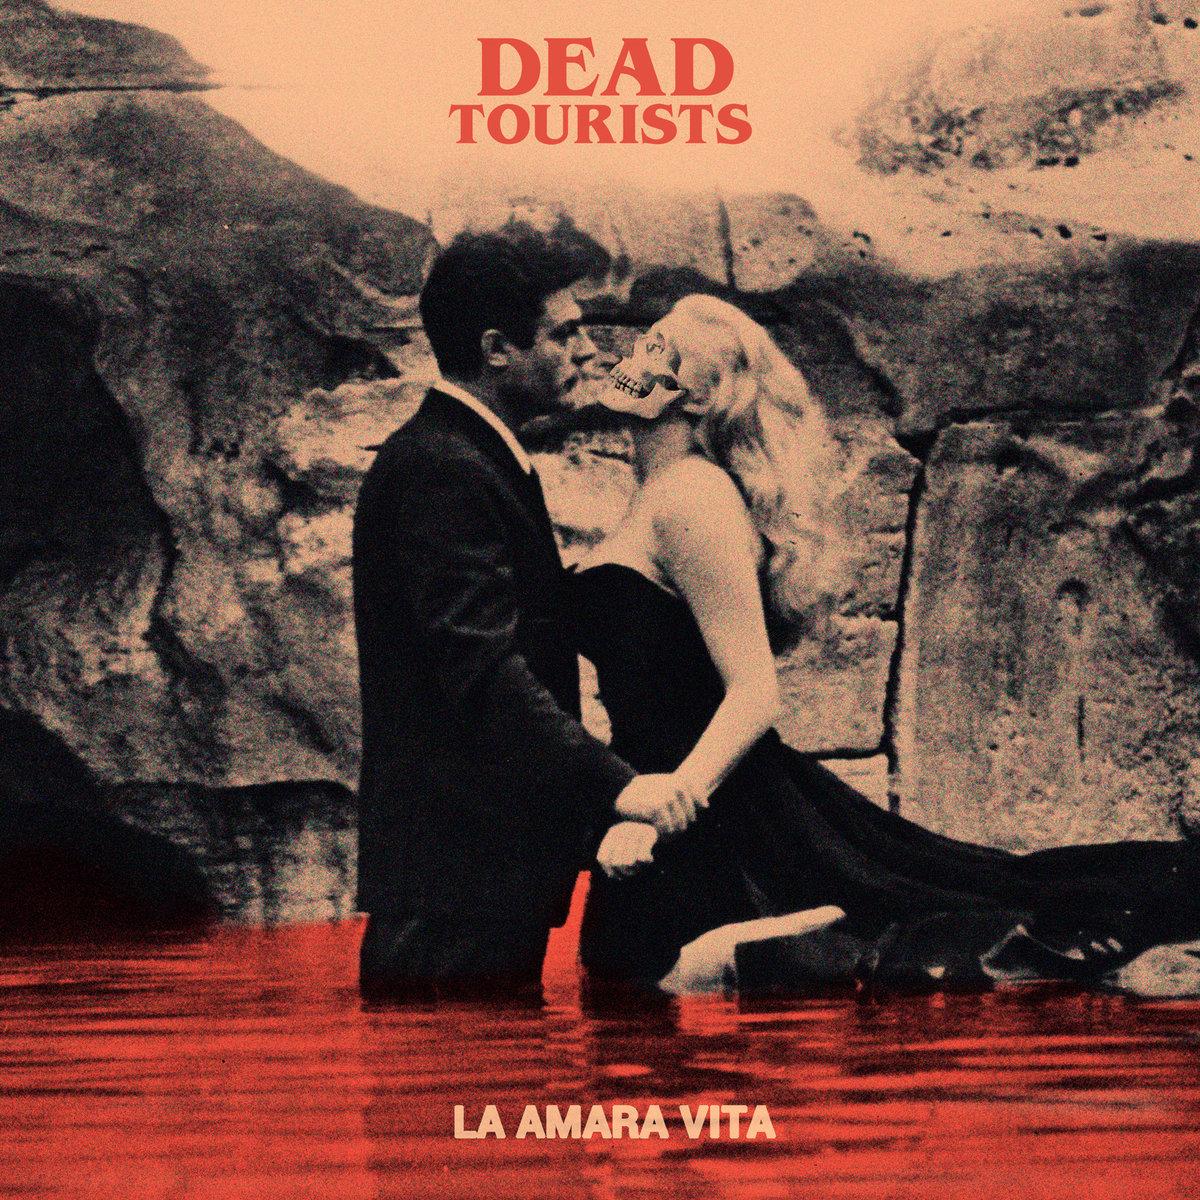 Dead Tourists - La Amara Vita - Big Snuff Studio - Berlino - Villacidro - Bandcamp - ascolti - 2021 - Sa Scena - 24 gennaio 2021